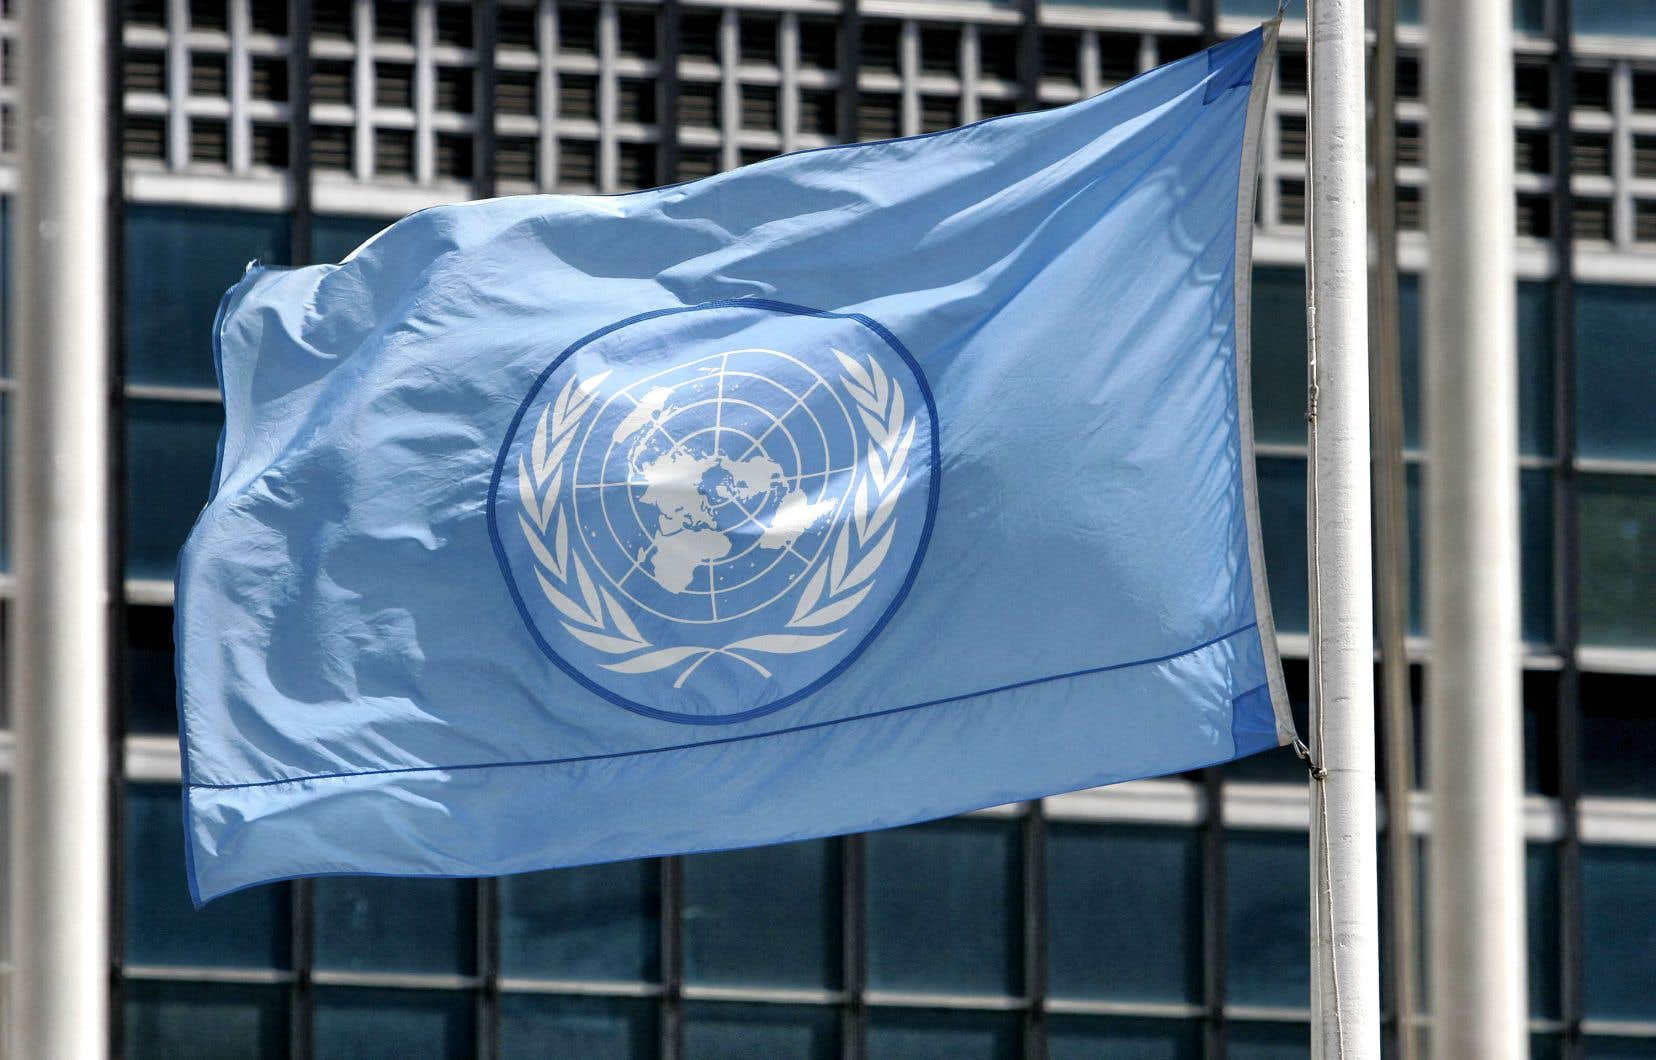 «La relation avec l'ONU est un symbole fort pour les Canadiens, une façon de se distinguer des États-Unis, d'échapper en partie à son emprise», écrit l'auteur.